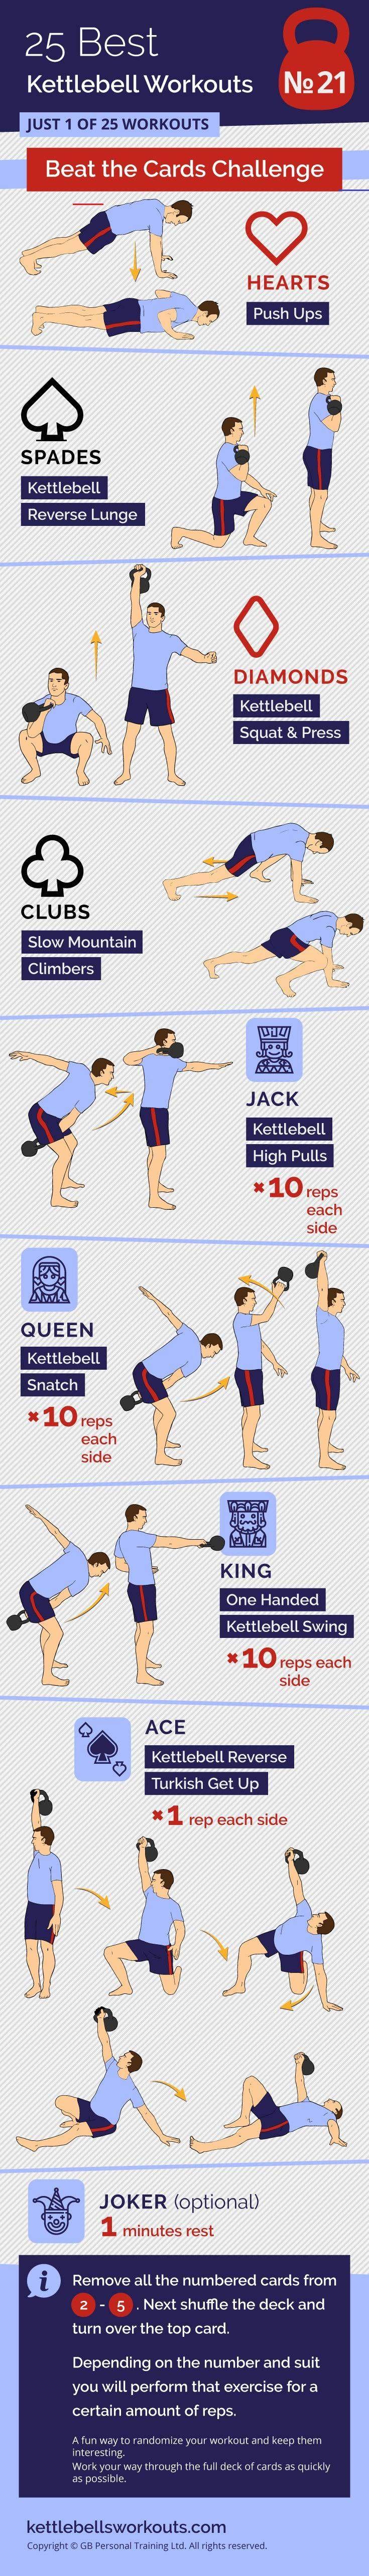 25 Best Kettlebell Workouts (after 1000+ kettle bell classes) A motivational kettlebell workout that...